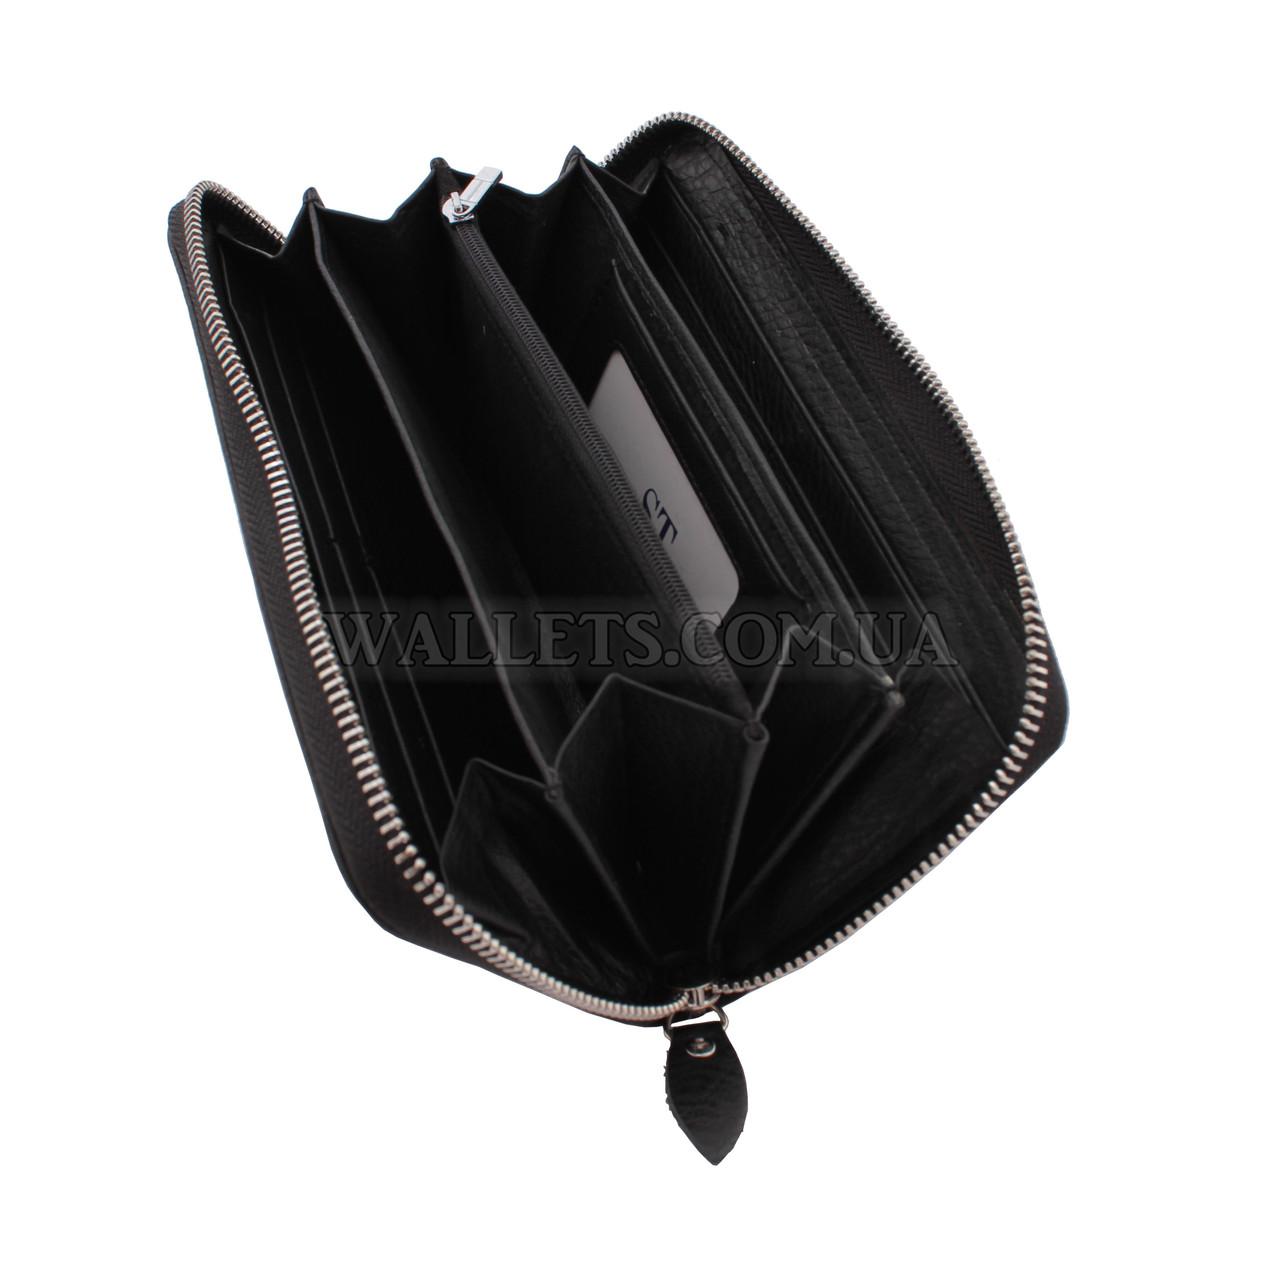 Шкіряний гаманець-барсетка ST Leather Accessories на блискавці, чорний, матовий.